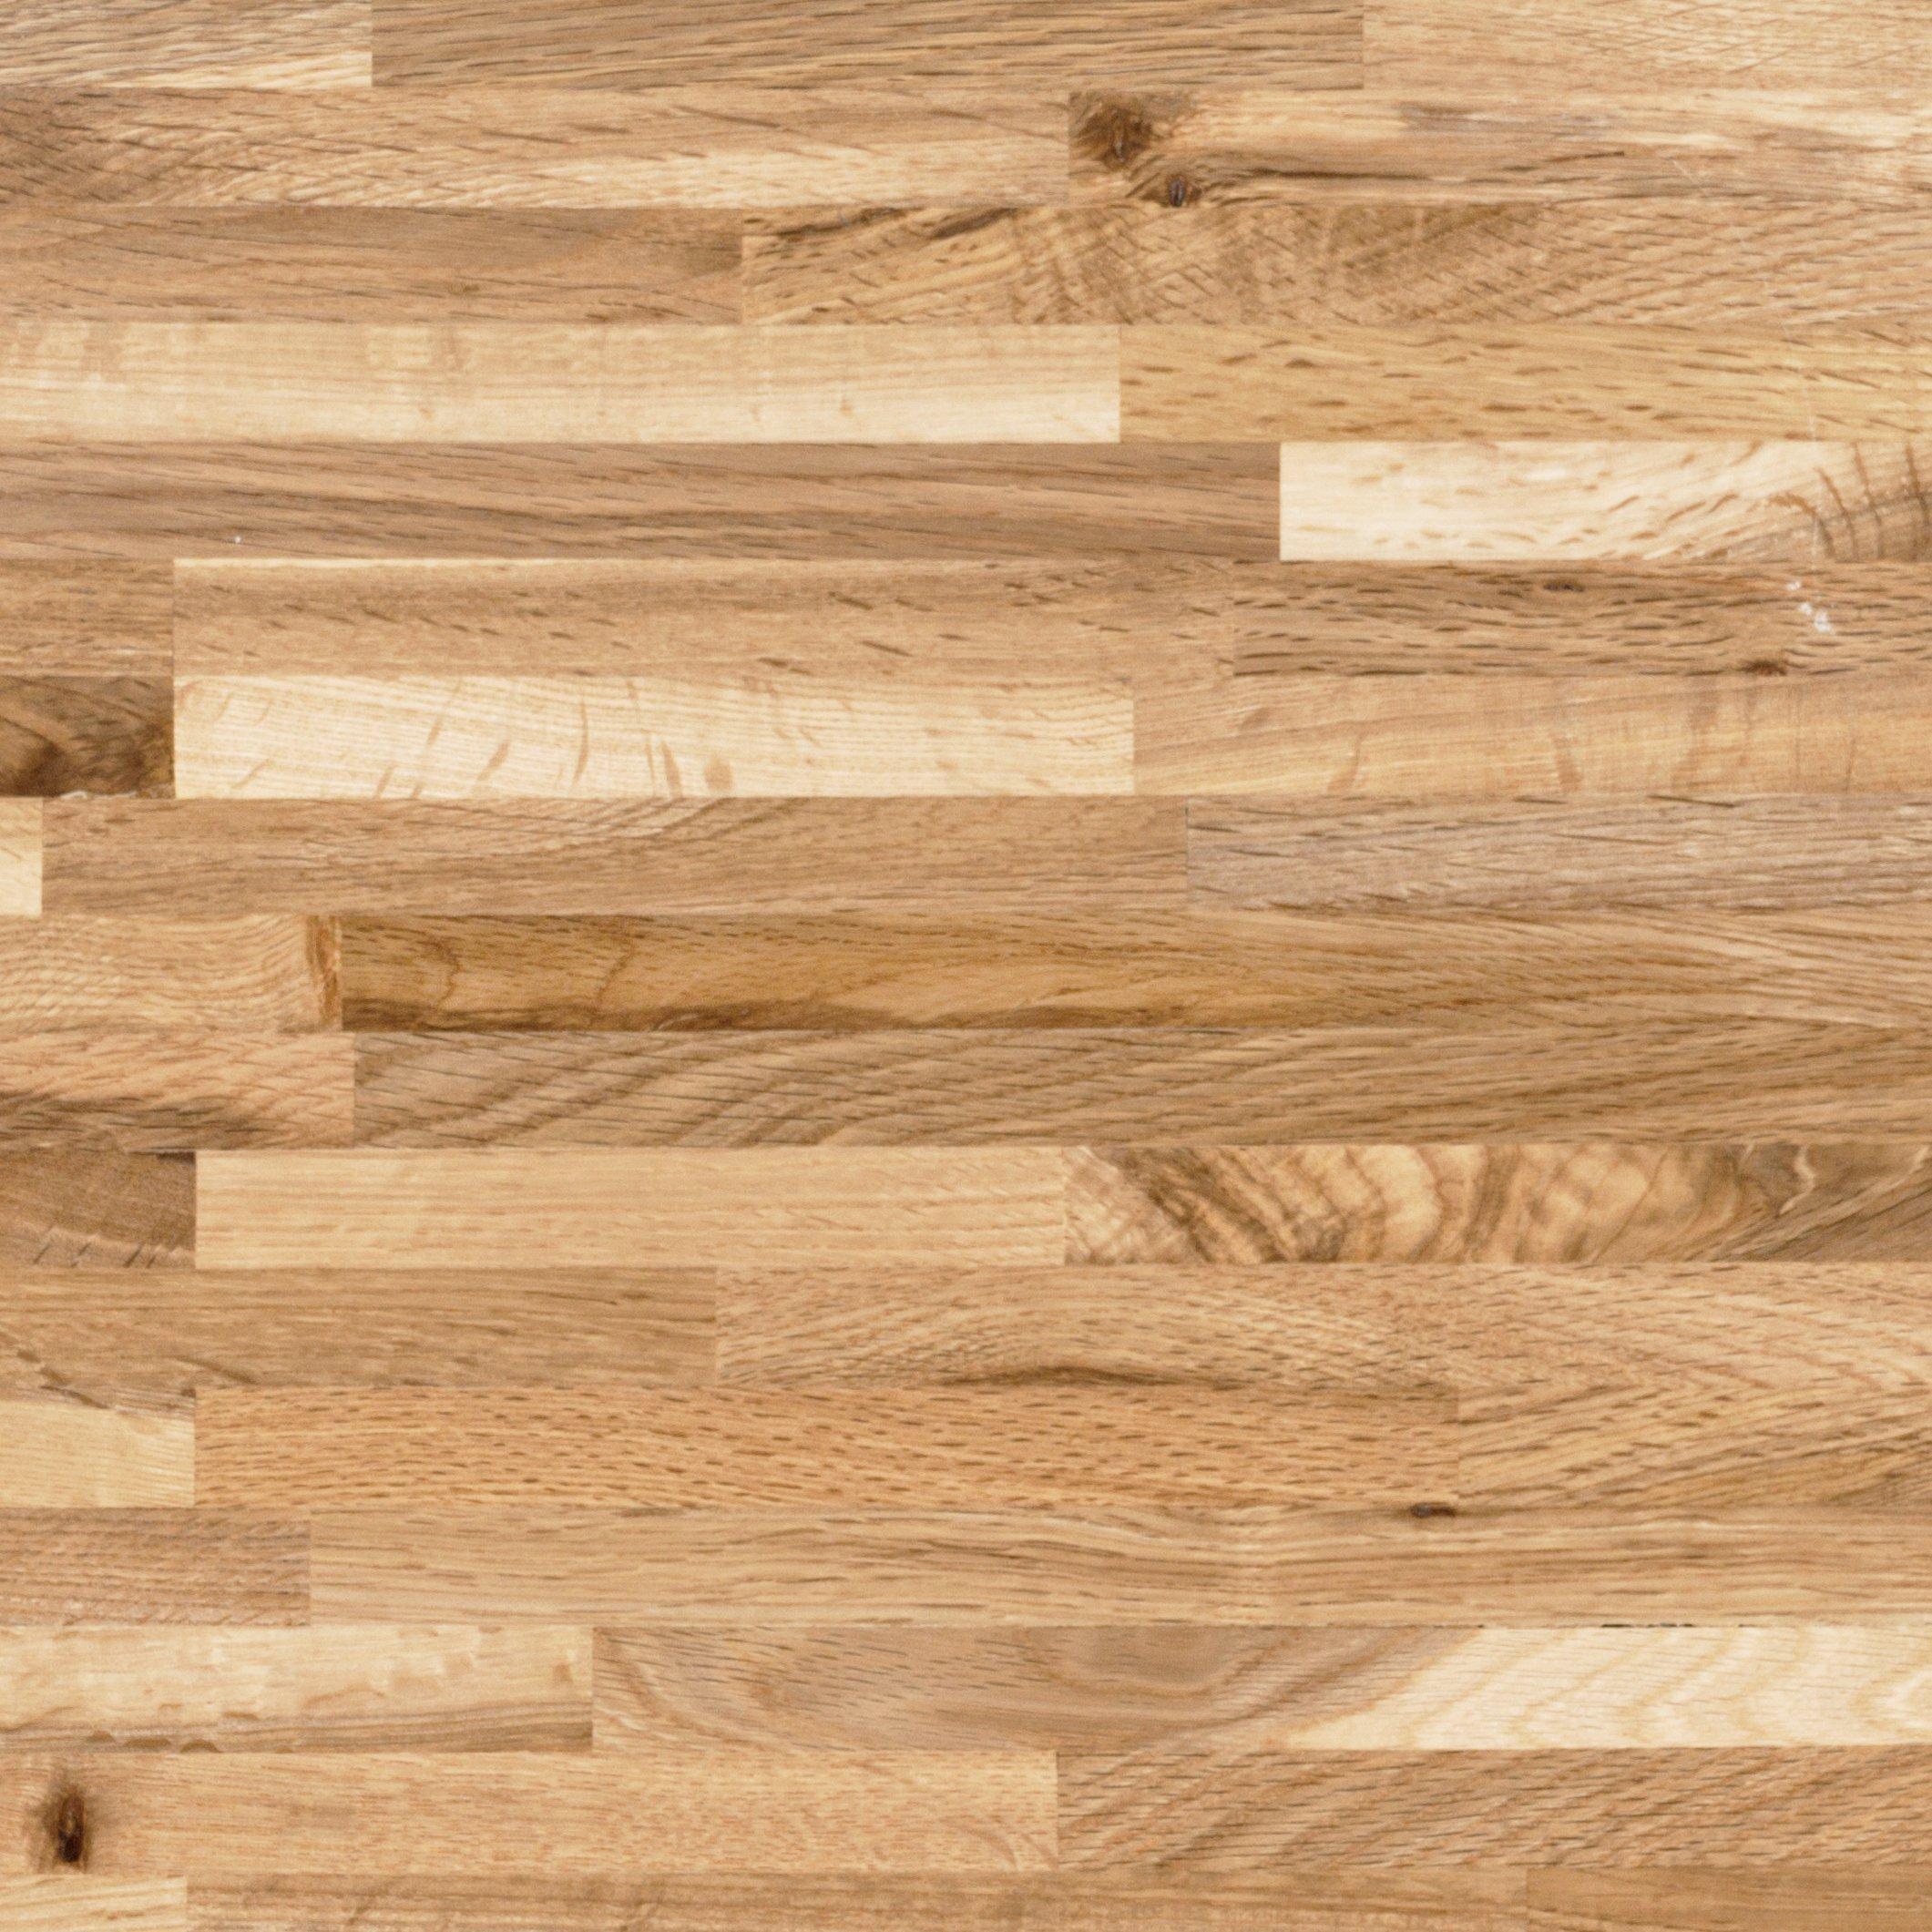 oak builder grade butcher block countertop 8ft